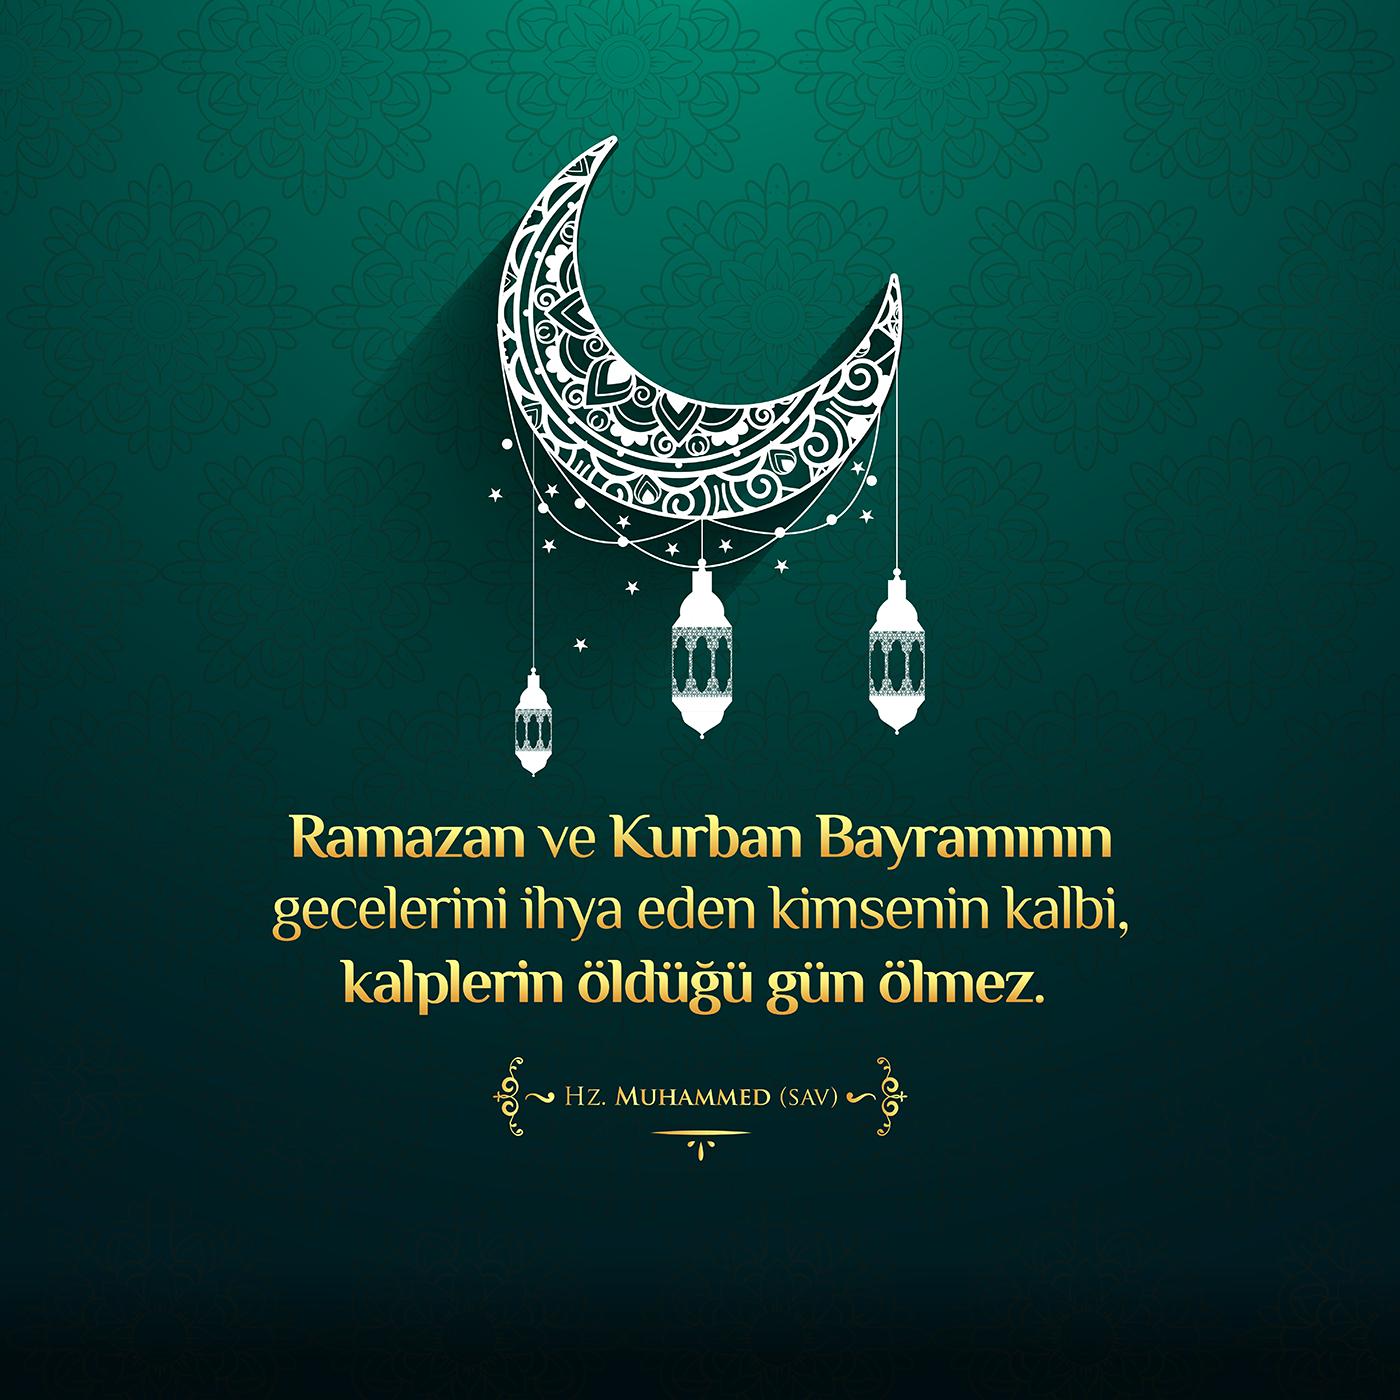 Поздравления на фото курбан-байрам в 2018